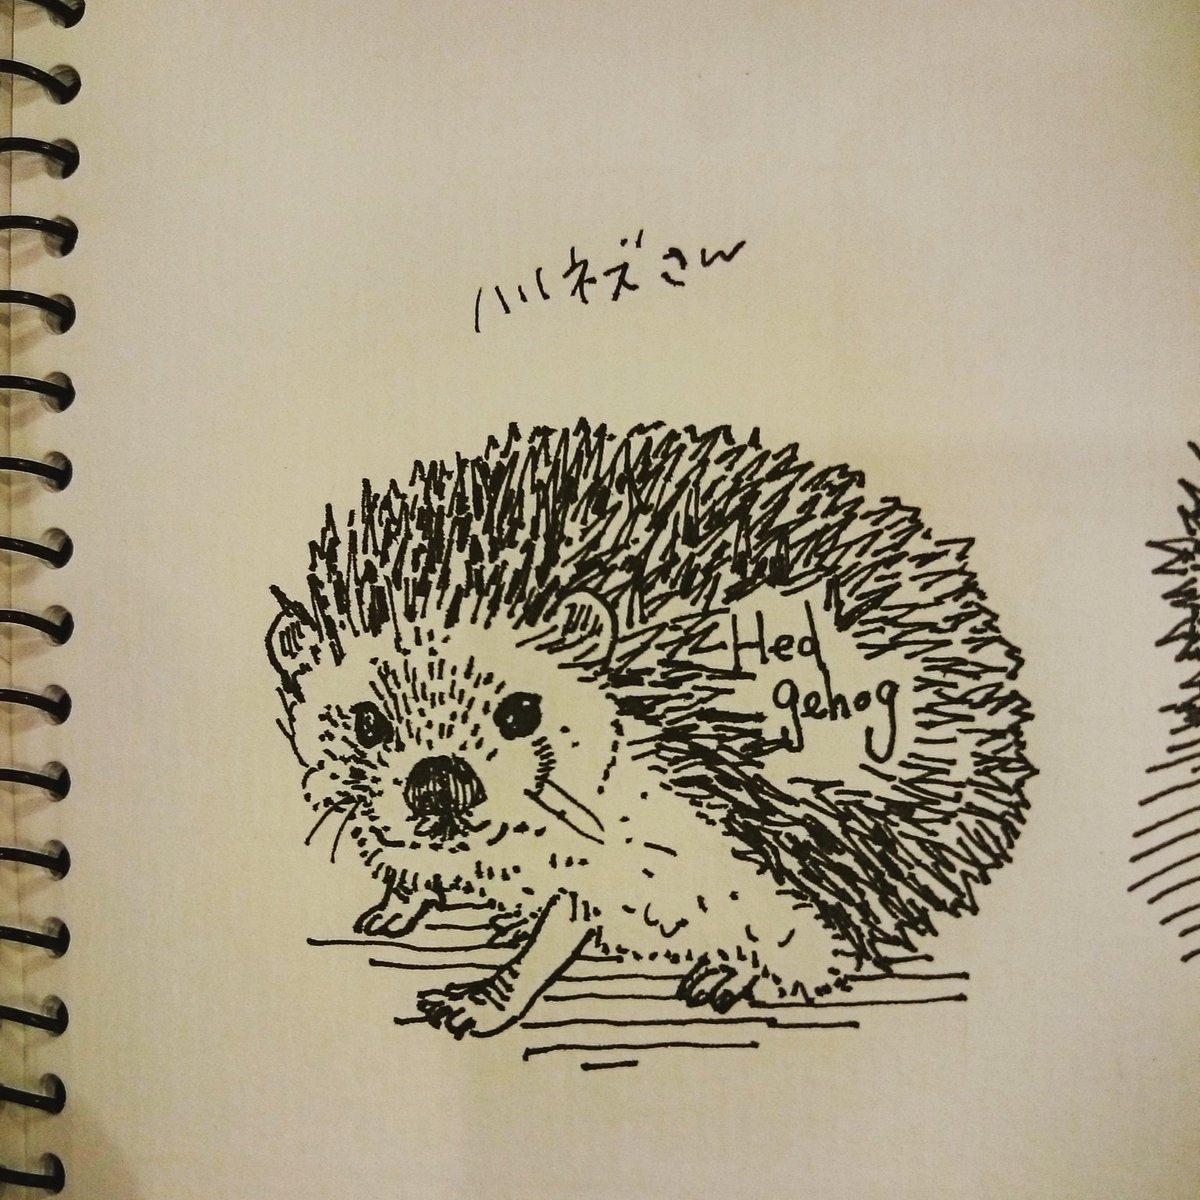 """スフィンクスゆかり@デザフェスg462 on twitter: """"習作のメンフクロウ"""